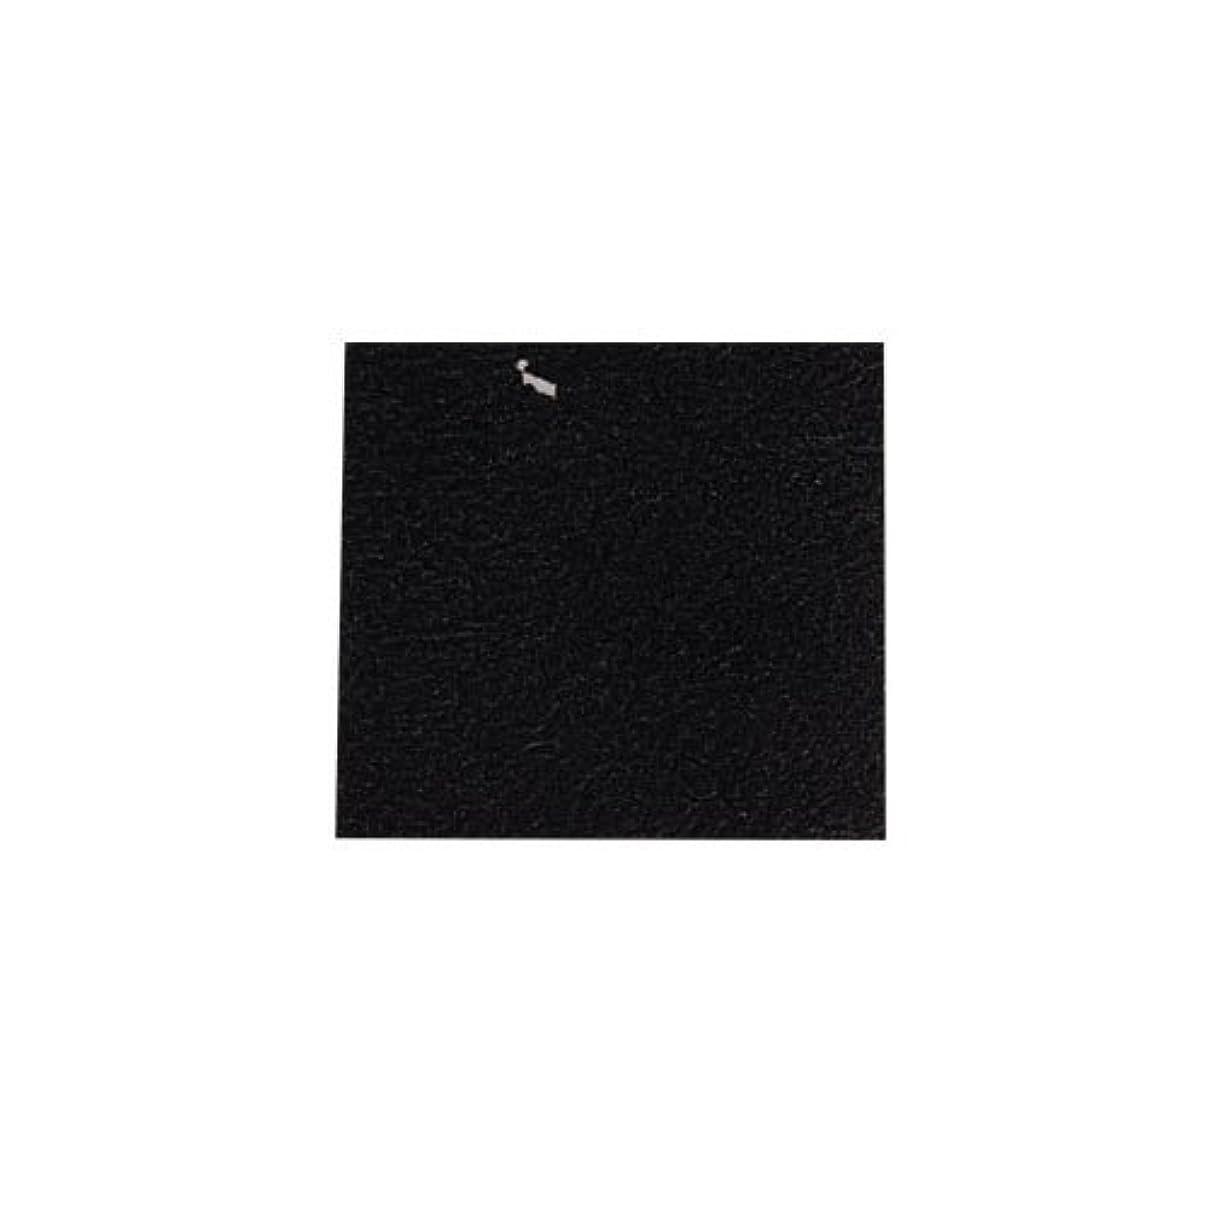 キャラバン限られた小学生ピカエース ネイル用パウダー カラー純銀箔 #620 黒色 3.5㎜角×5枚